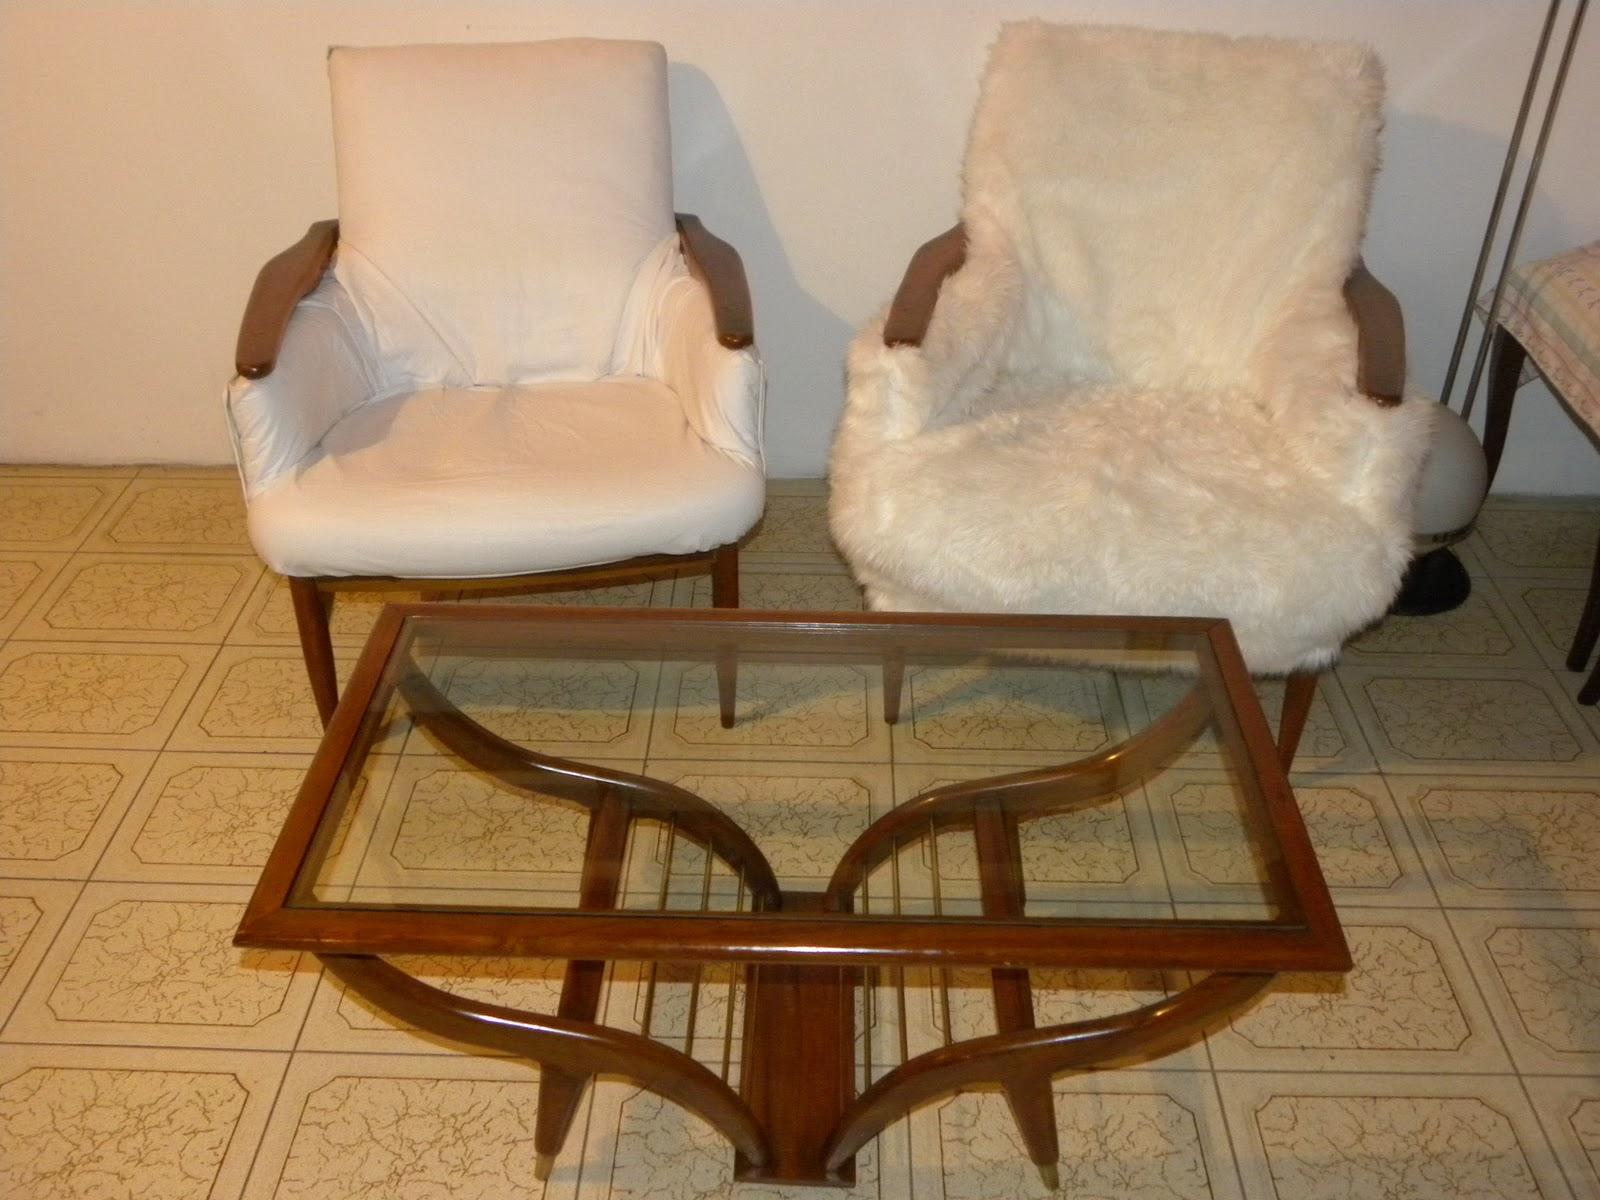 Deco retro vintage espectaculares sillones escandinavos - Sillones estilo vintage ...